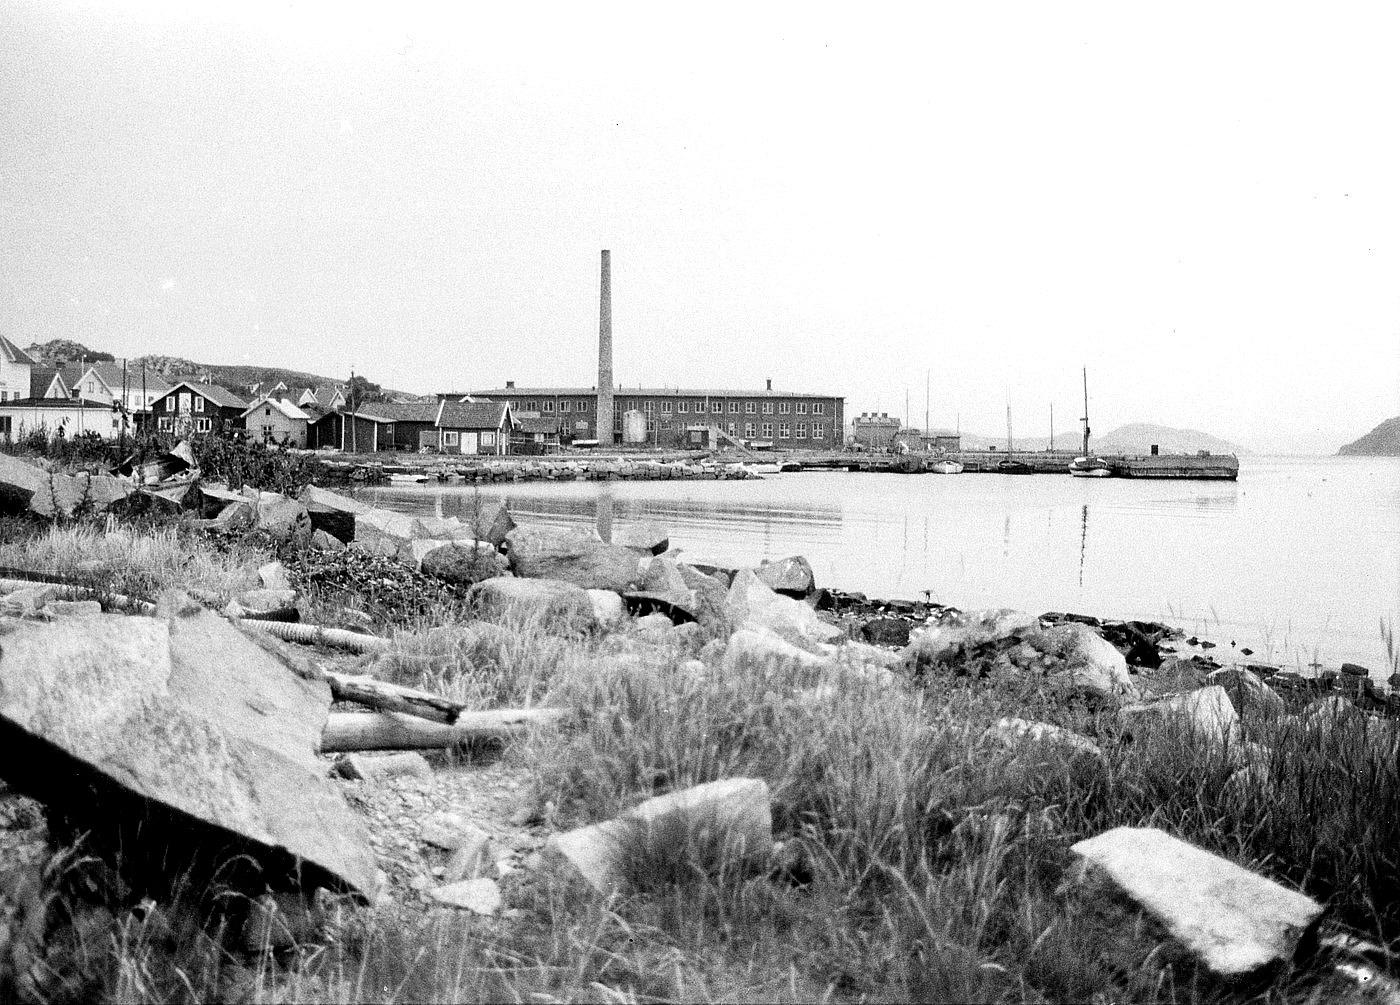 Foto Claes Funck 1963. Konservfabriken med skorsten ca 25m hög. Ångbåtsbrygga går ut i vattnet och hitom den Bäckebryggan. Vitt hus längst till vänster är Holmbergs Pensionat, idag plats för Centrumhuset. Taget från Rompesand, nu minigolfbana.